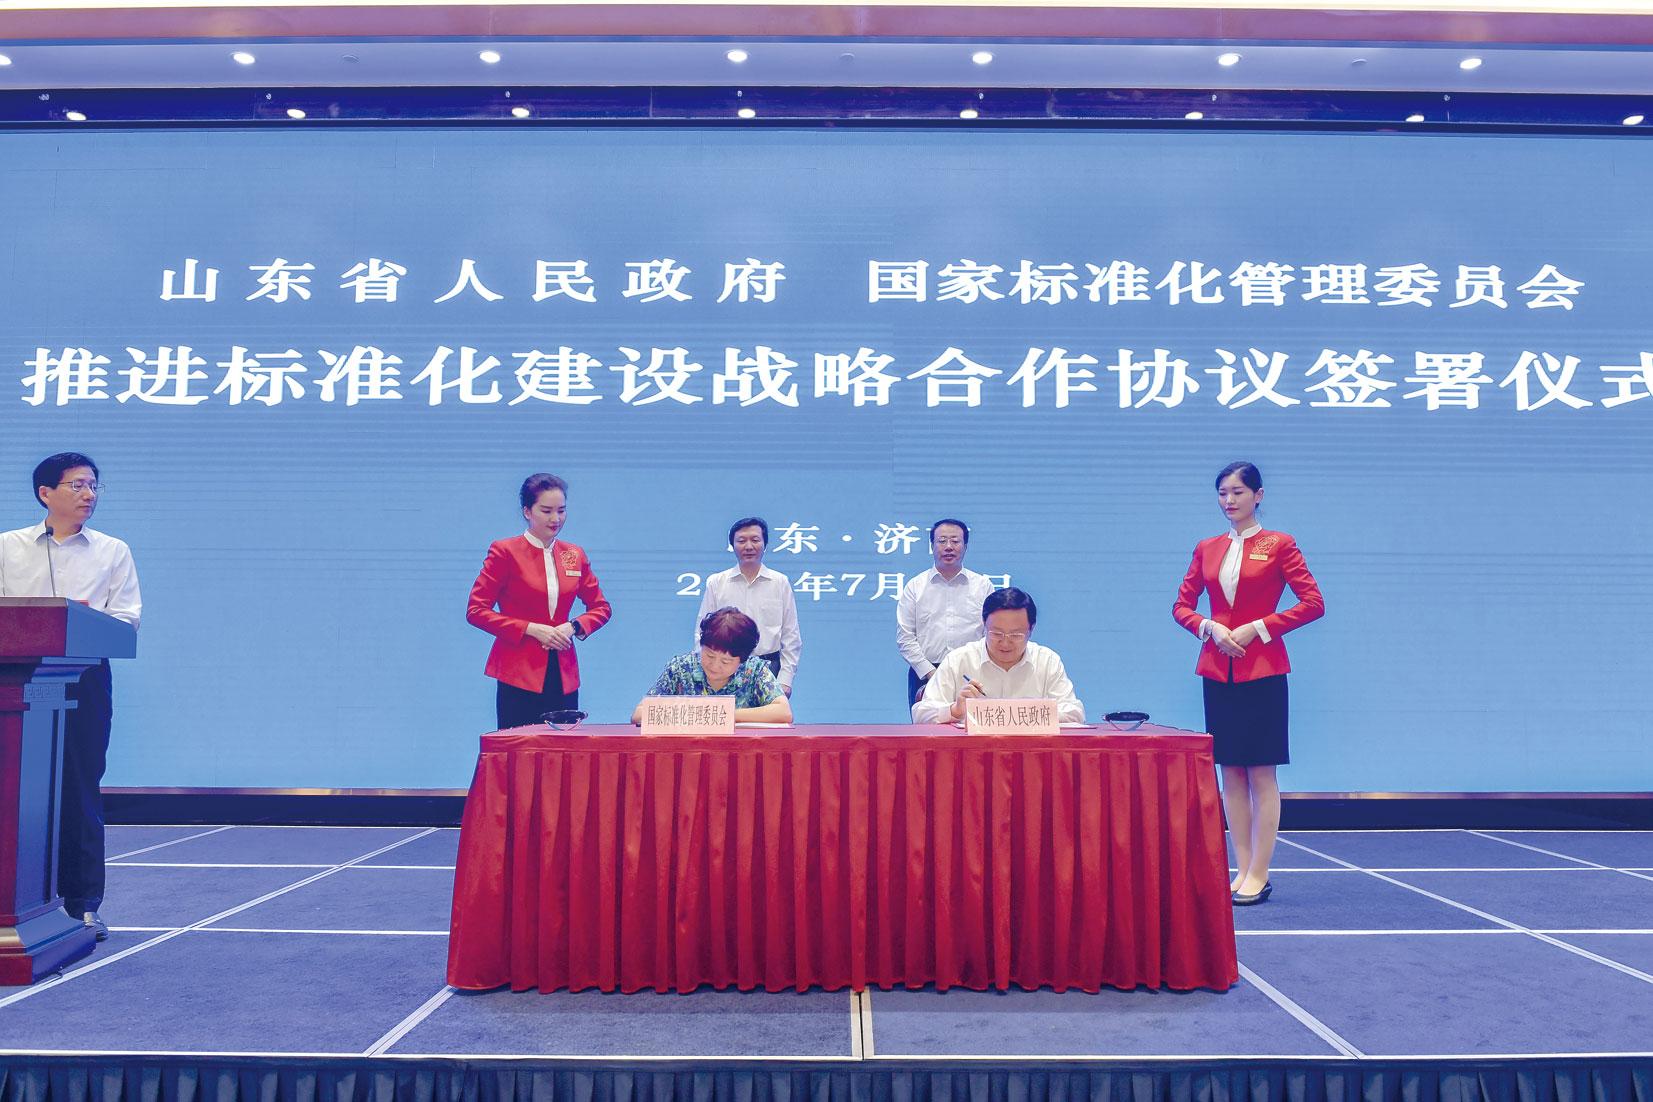 山东省坚持创新引领发展着力开创标准化高质量发展新局面综述